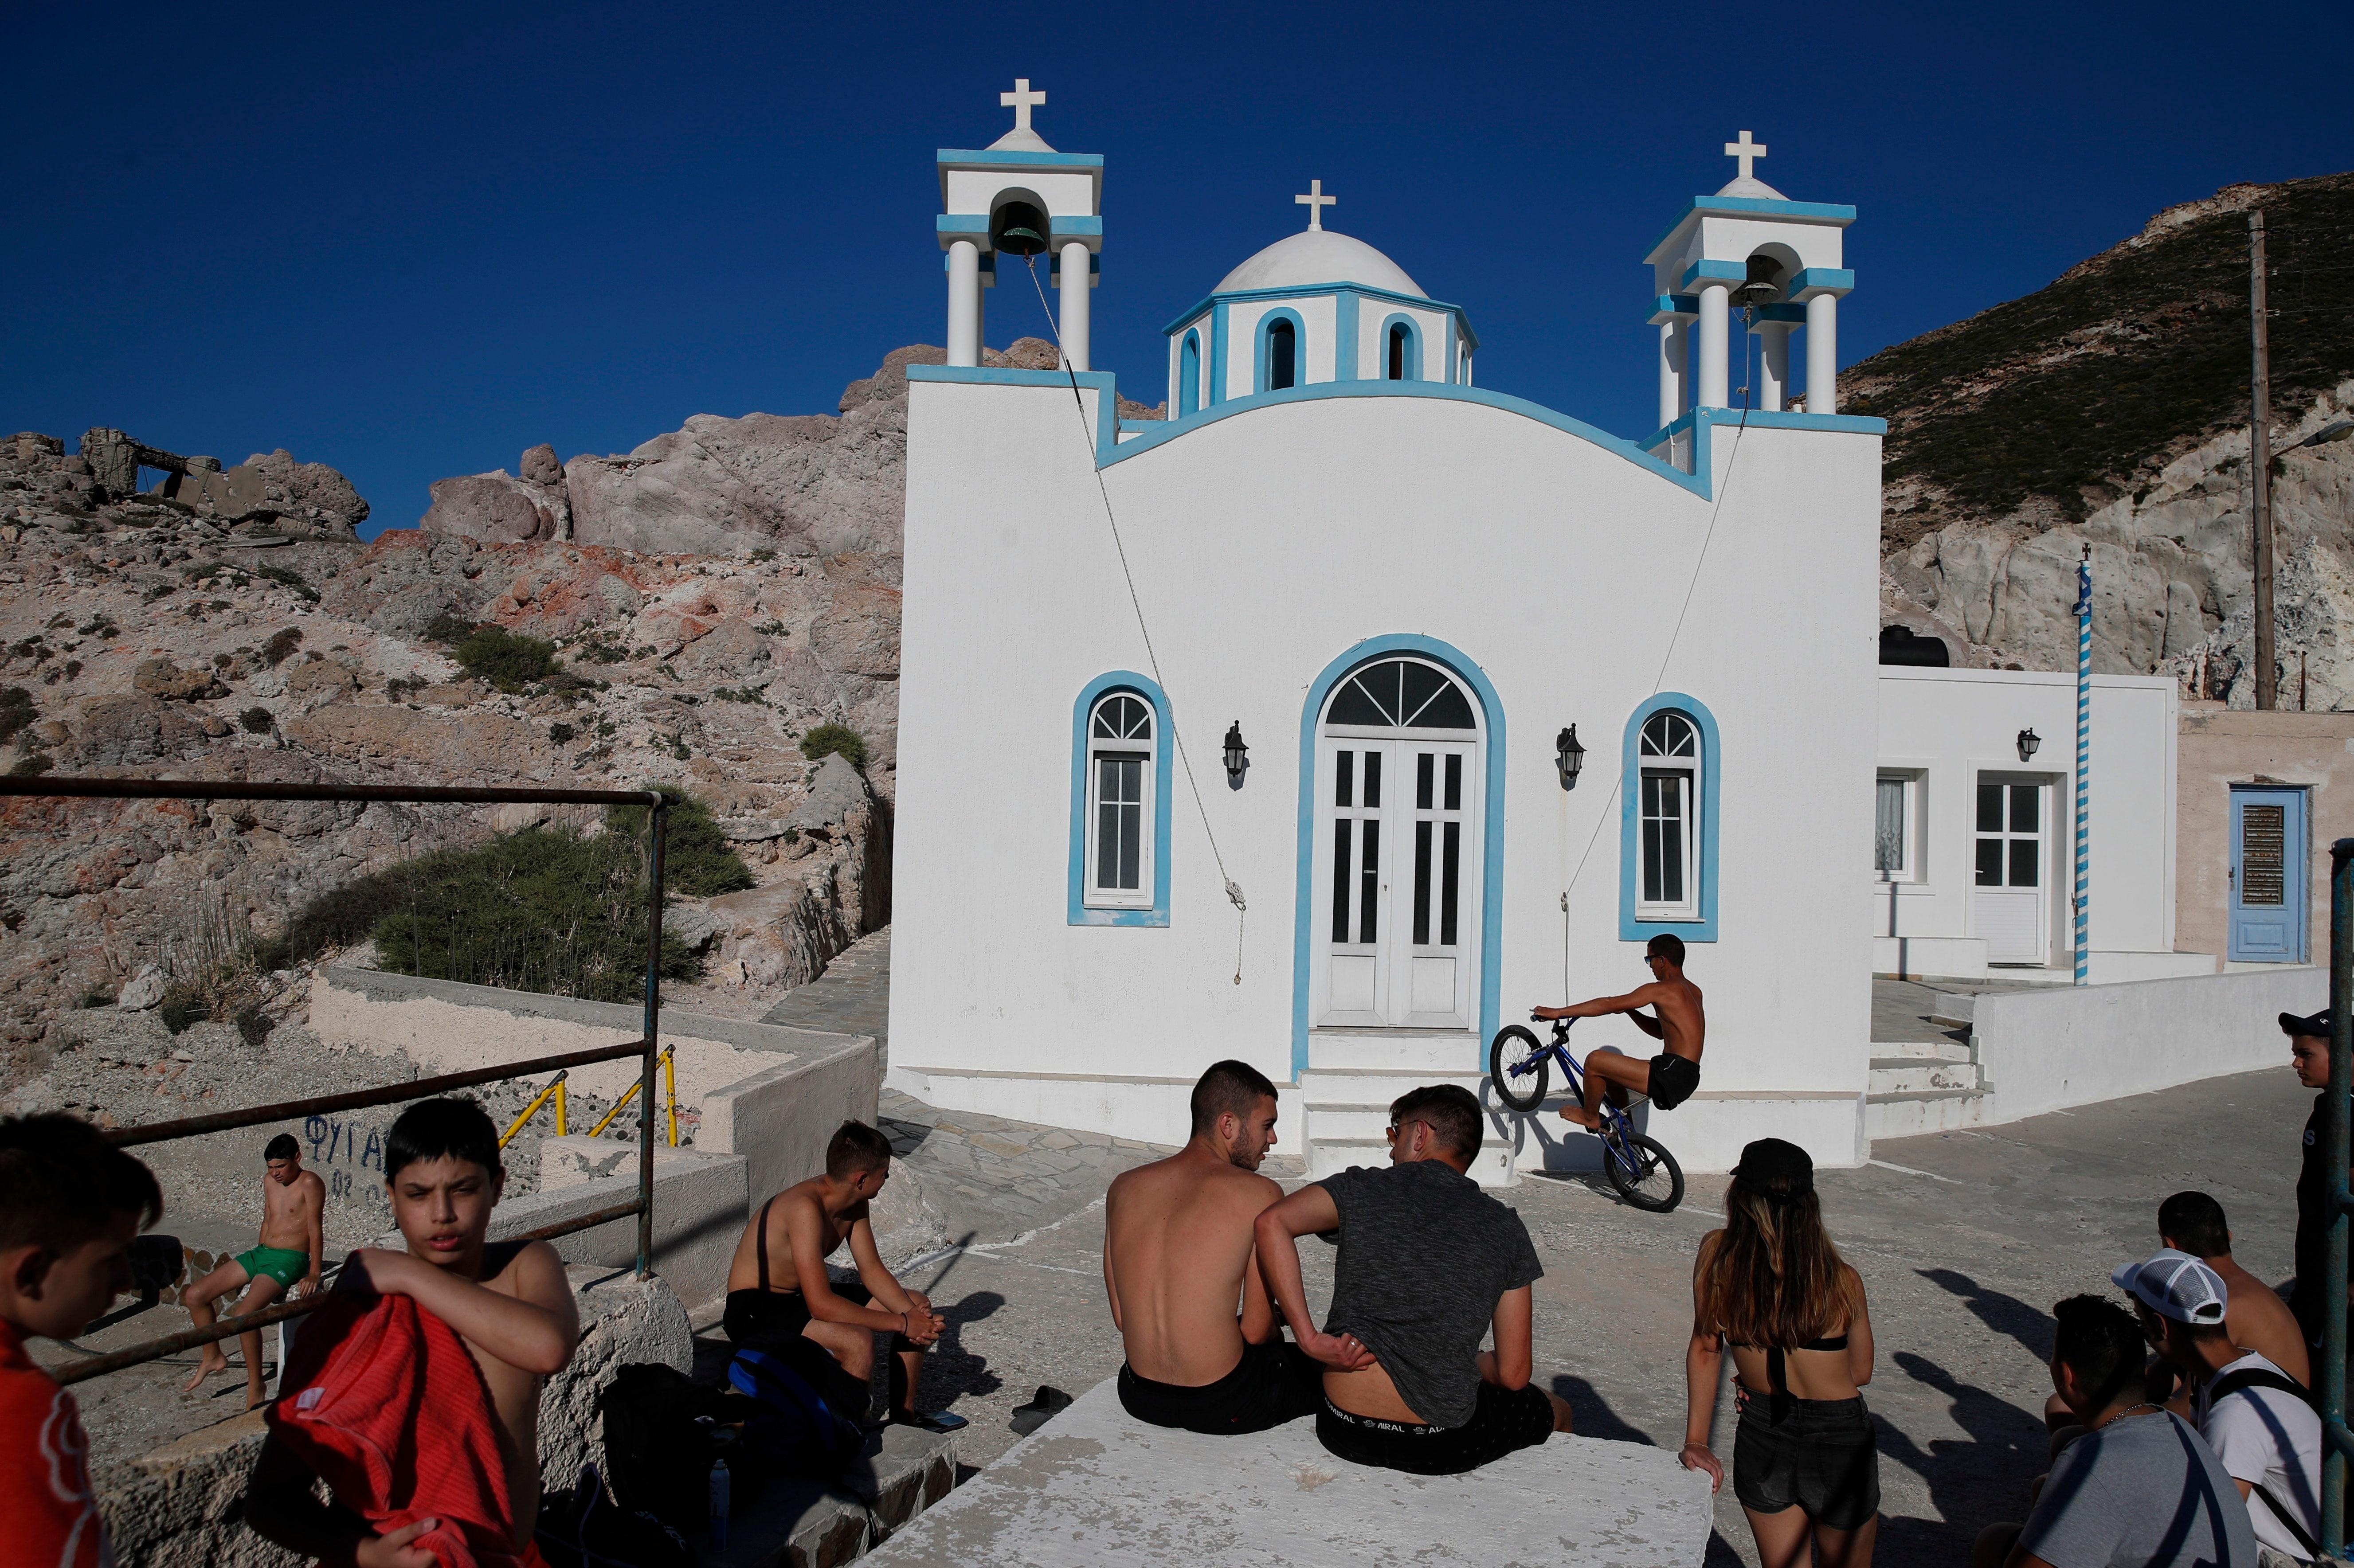 Hy Lạp sẽ mở cửa trở lại cho khách du lịch từ 29 quốc gia bắt đầu từ ngày 15 tháng 6, sẽ tiến hành thử nghiệm ngẫu nhiên